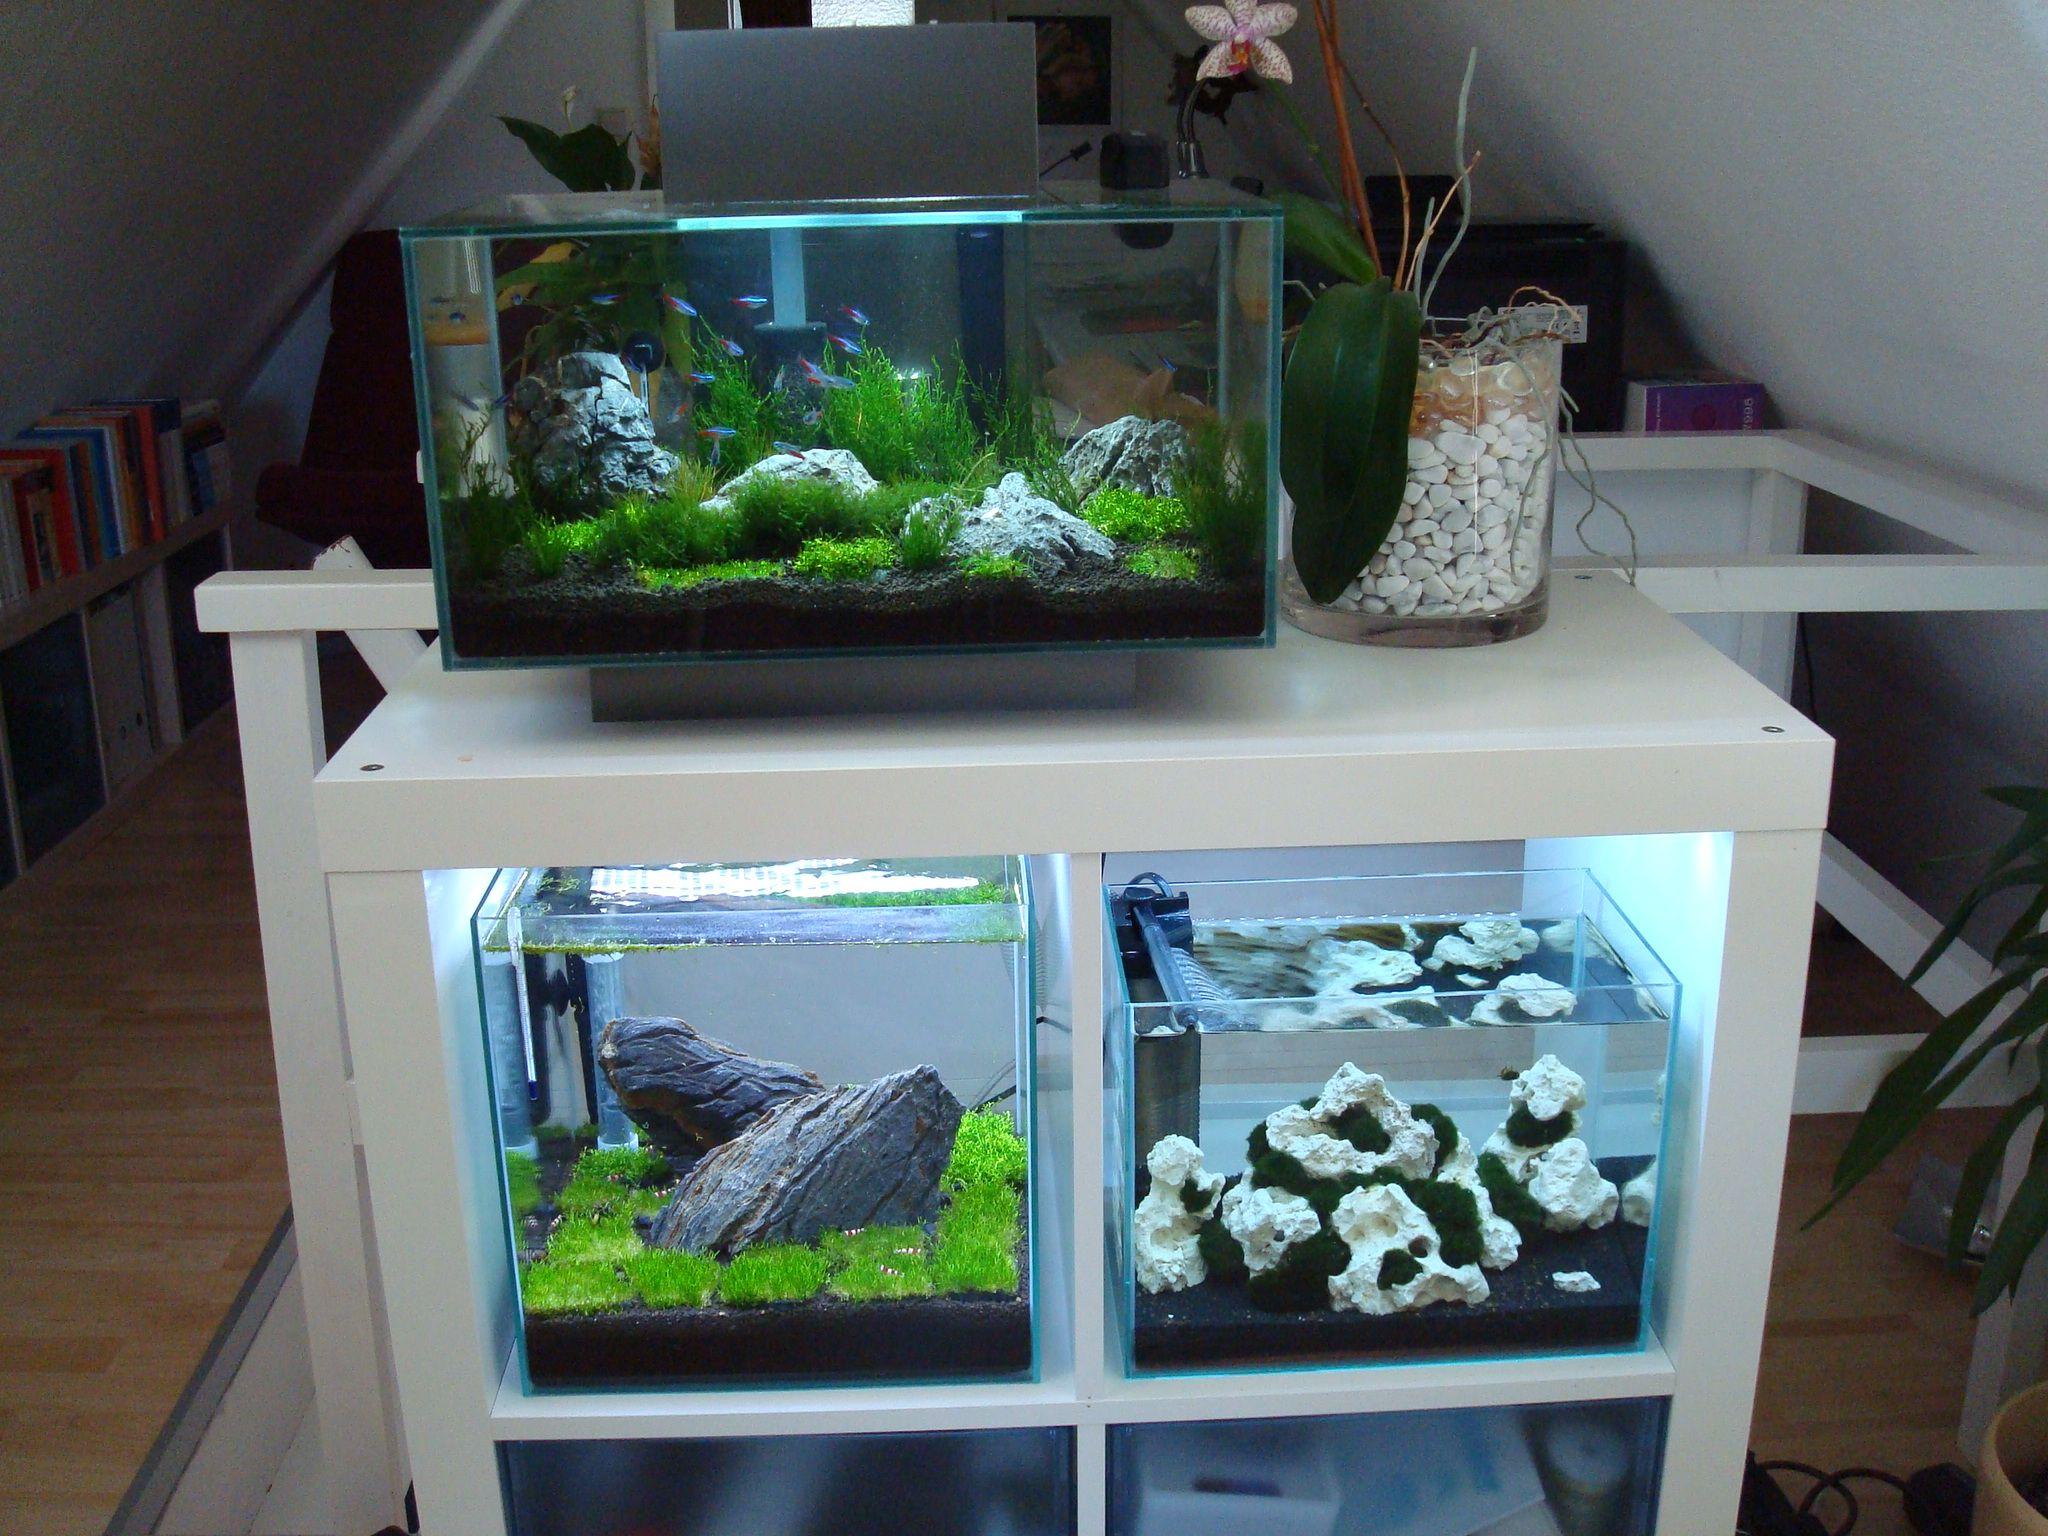 Ikea Expedit With Aquarium - Google 10 Gallon